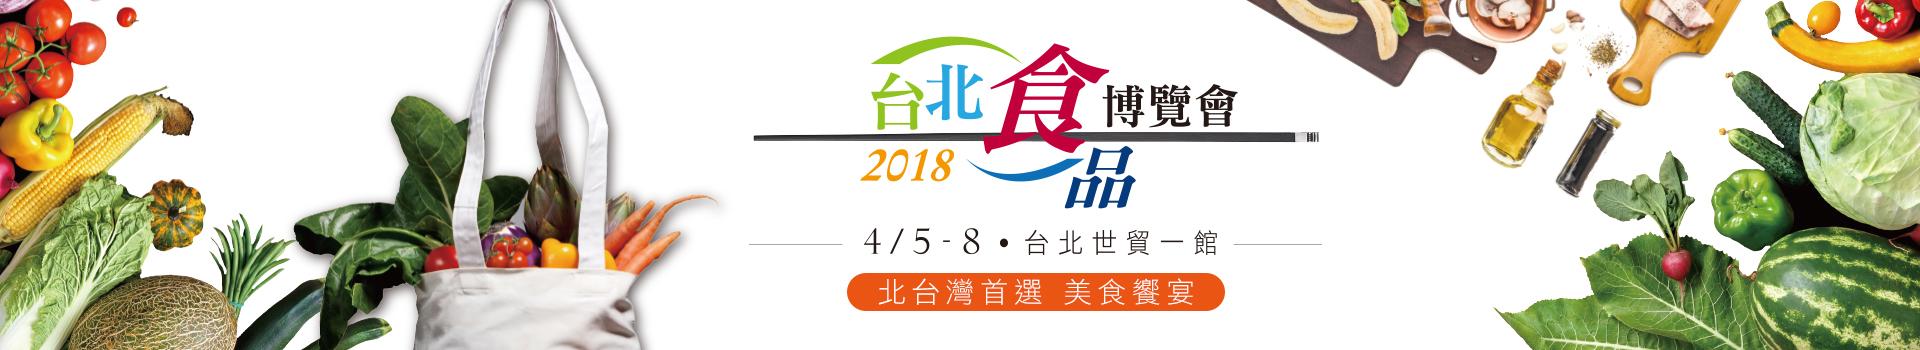 2018台北食品博覽會